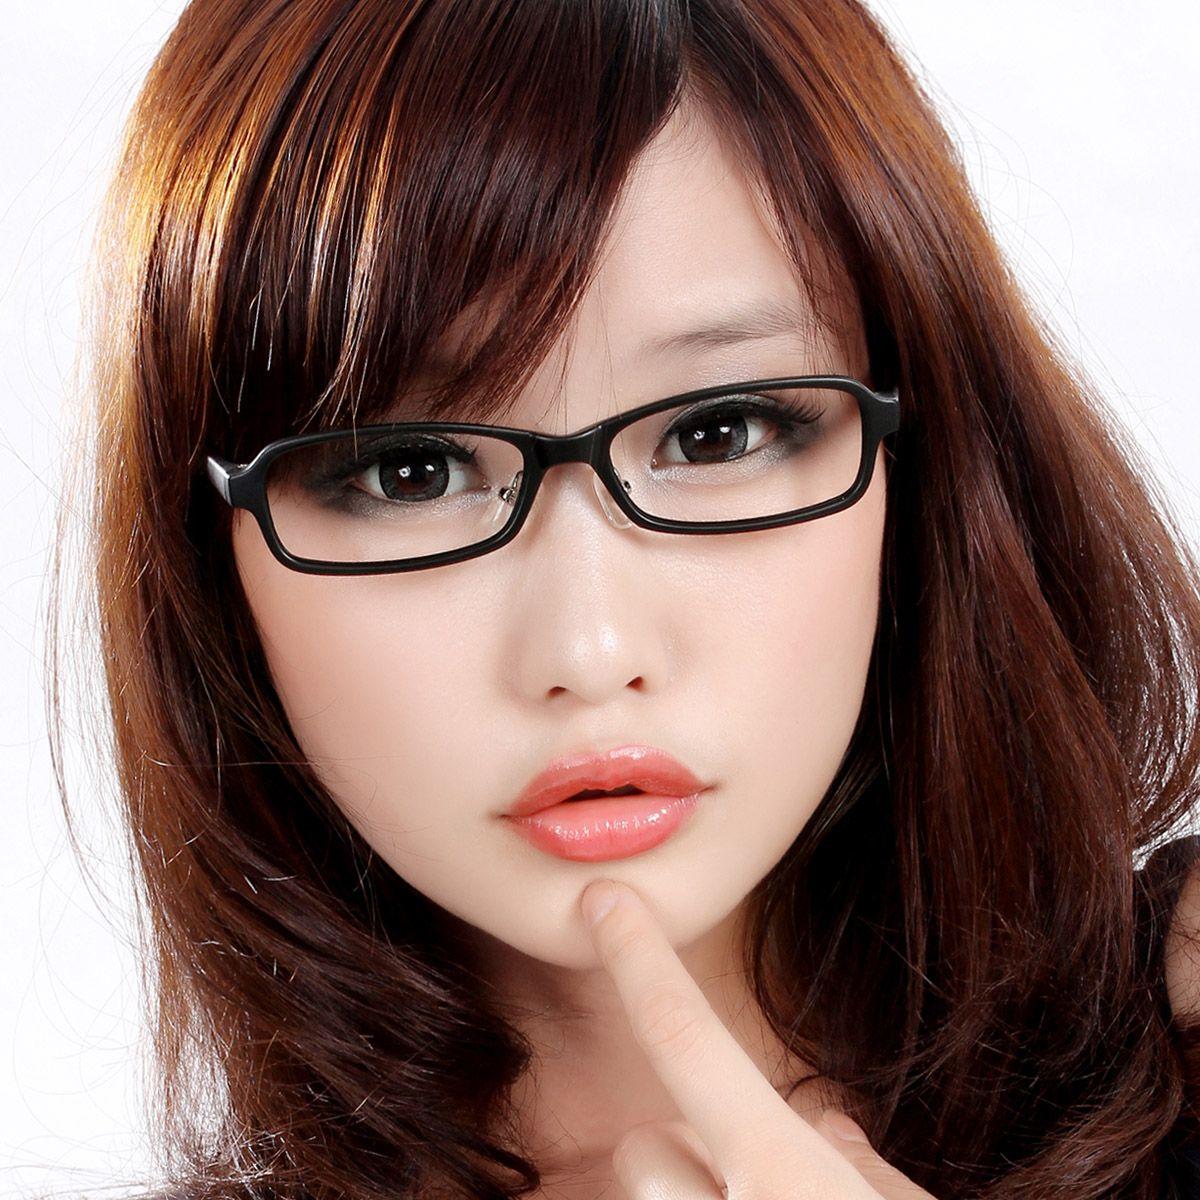 black-glasses-frames-for-womenimages-for-black-glasses-for-women-74ahhcly.jpg (1200×1200)